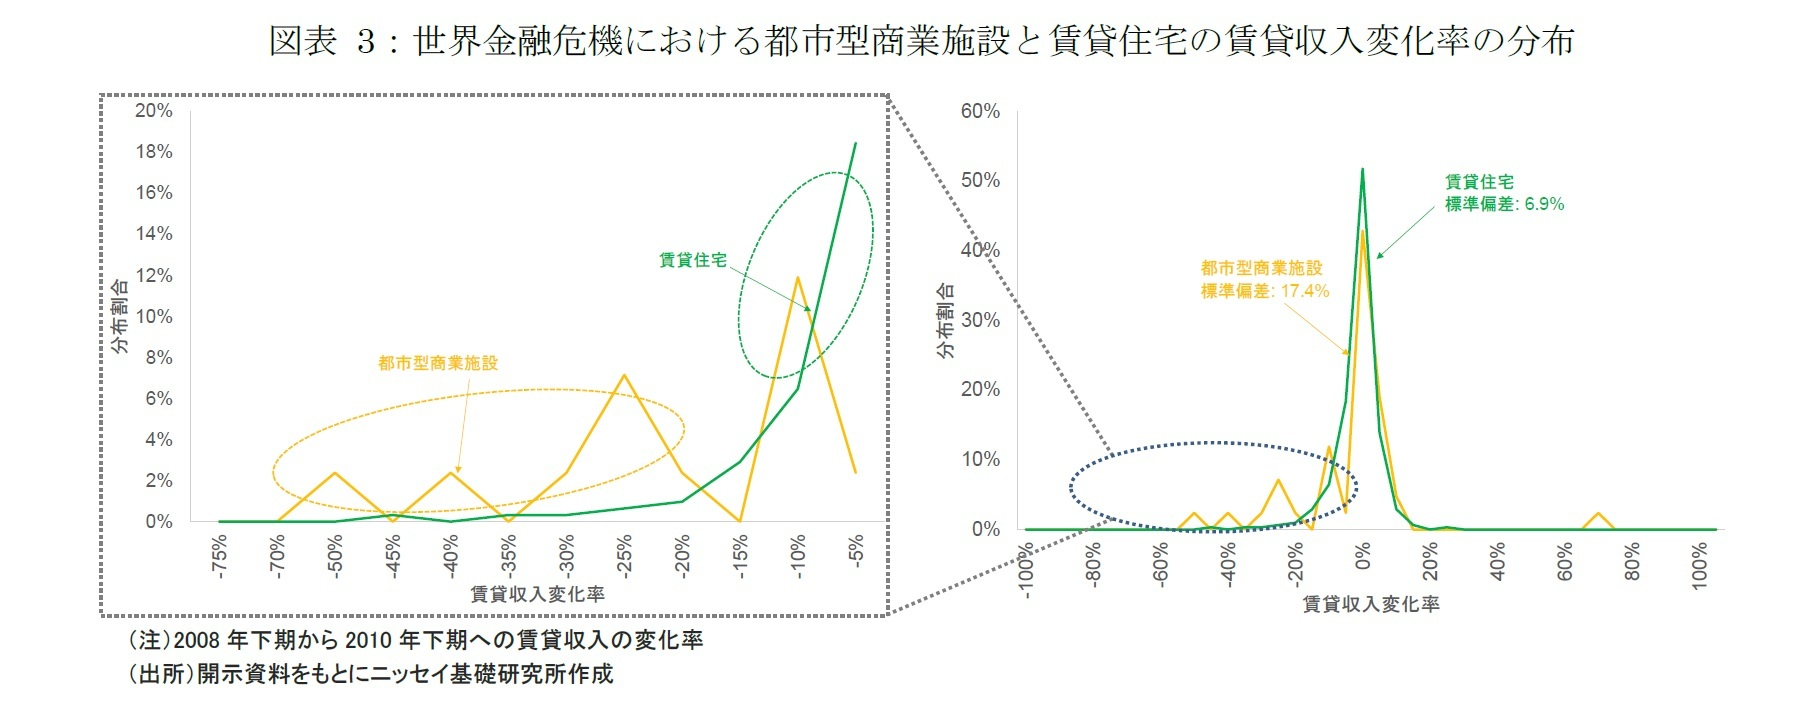 図表 3:世界金融危機における都市型商業施設と賃貸住宅の賃貸収入変化率の分布